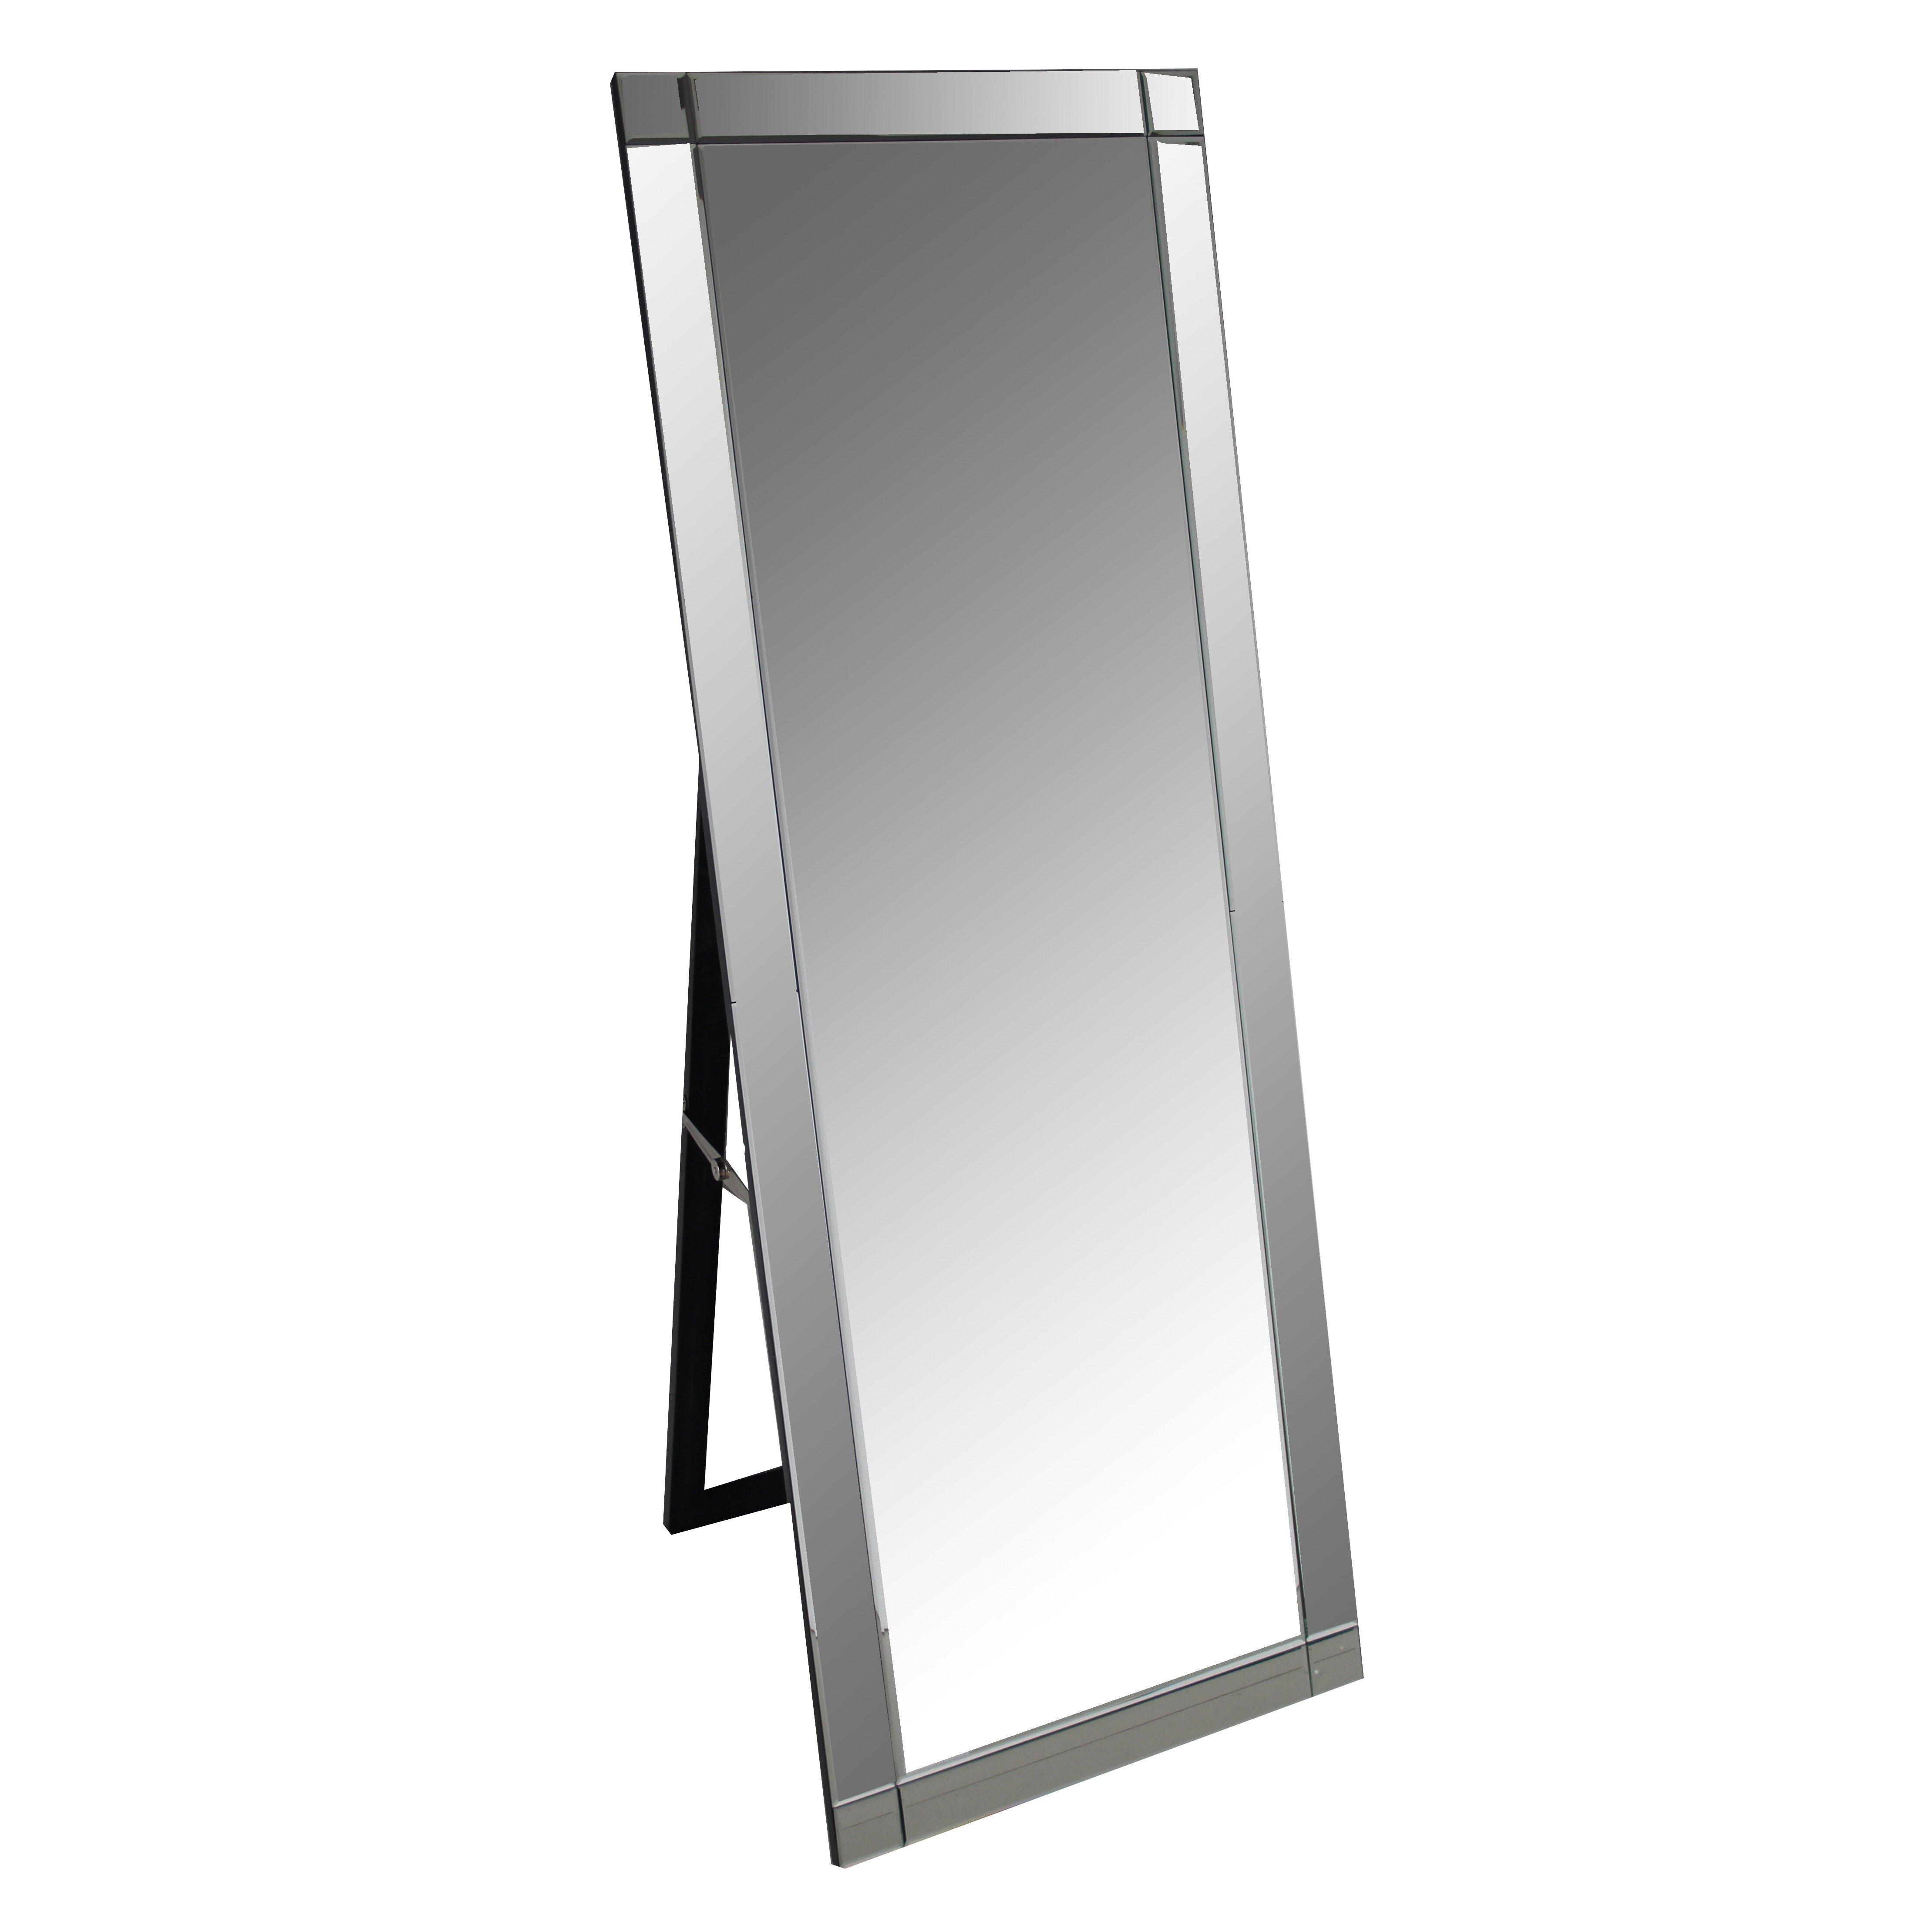 Brayden studio standing floor mirror reviews wayfair for Standing glass mirror